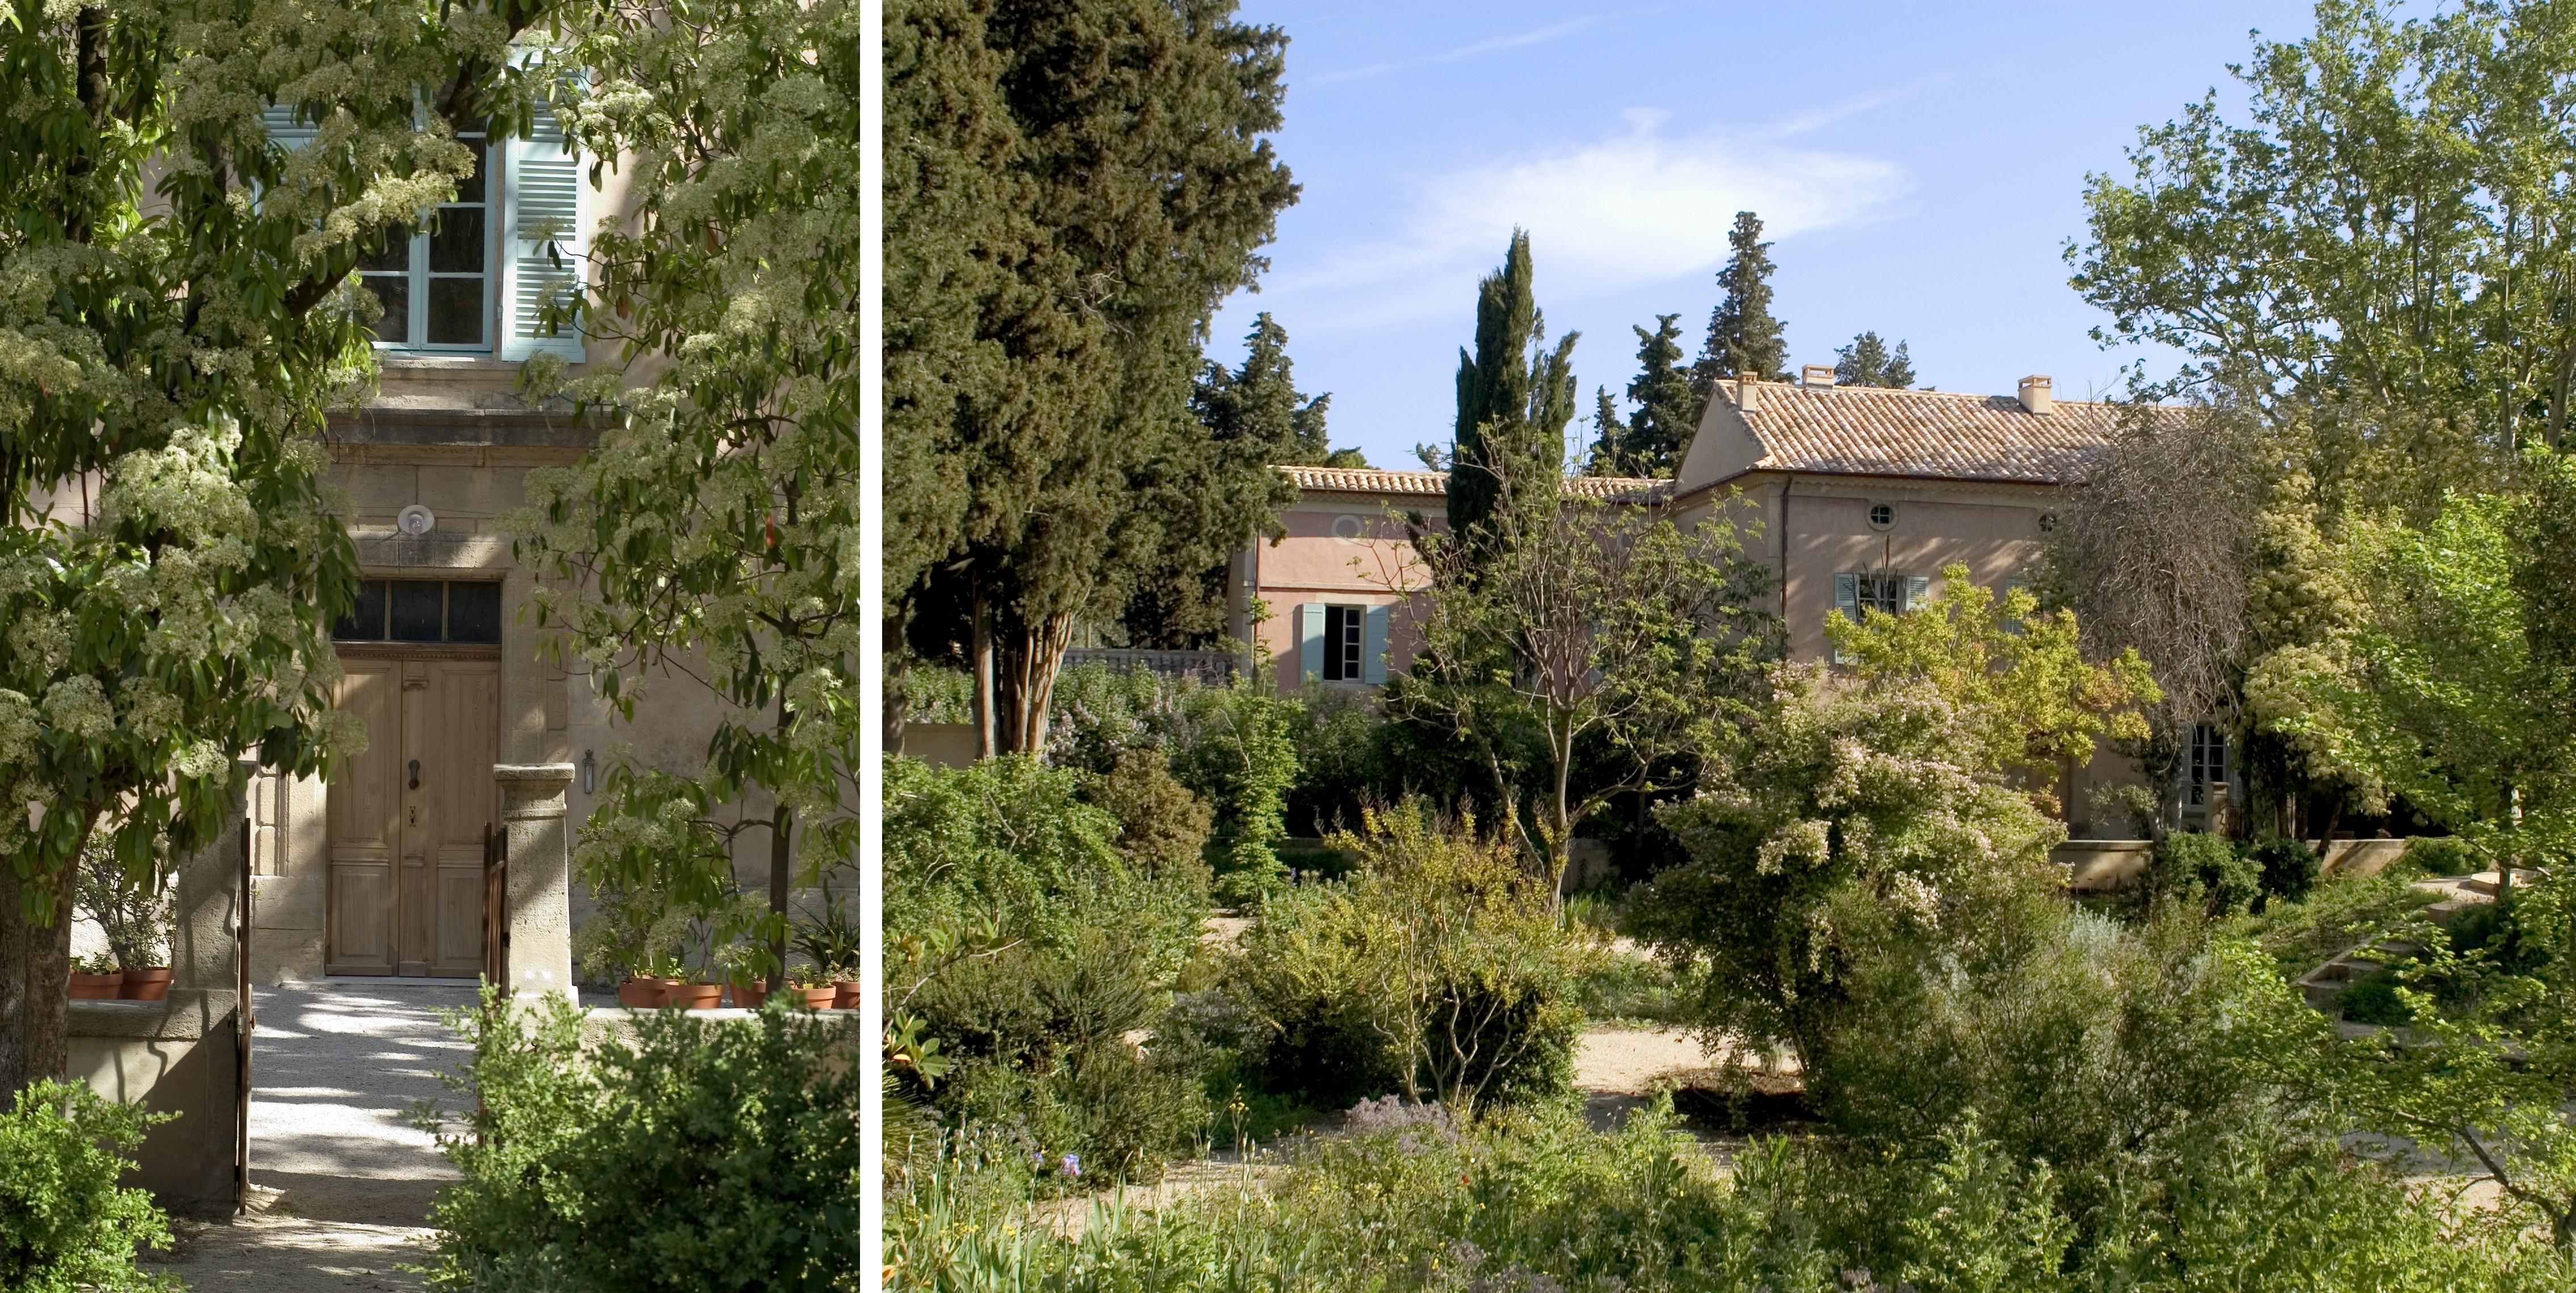 L'entrée du jardin de l'harmas - © A.M. Slézec (à gauche) La maison du jardin de l'harmas - © A.M. Slézec (à droite)